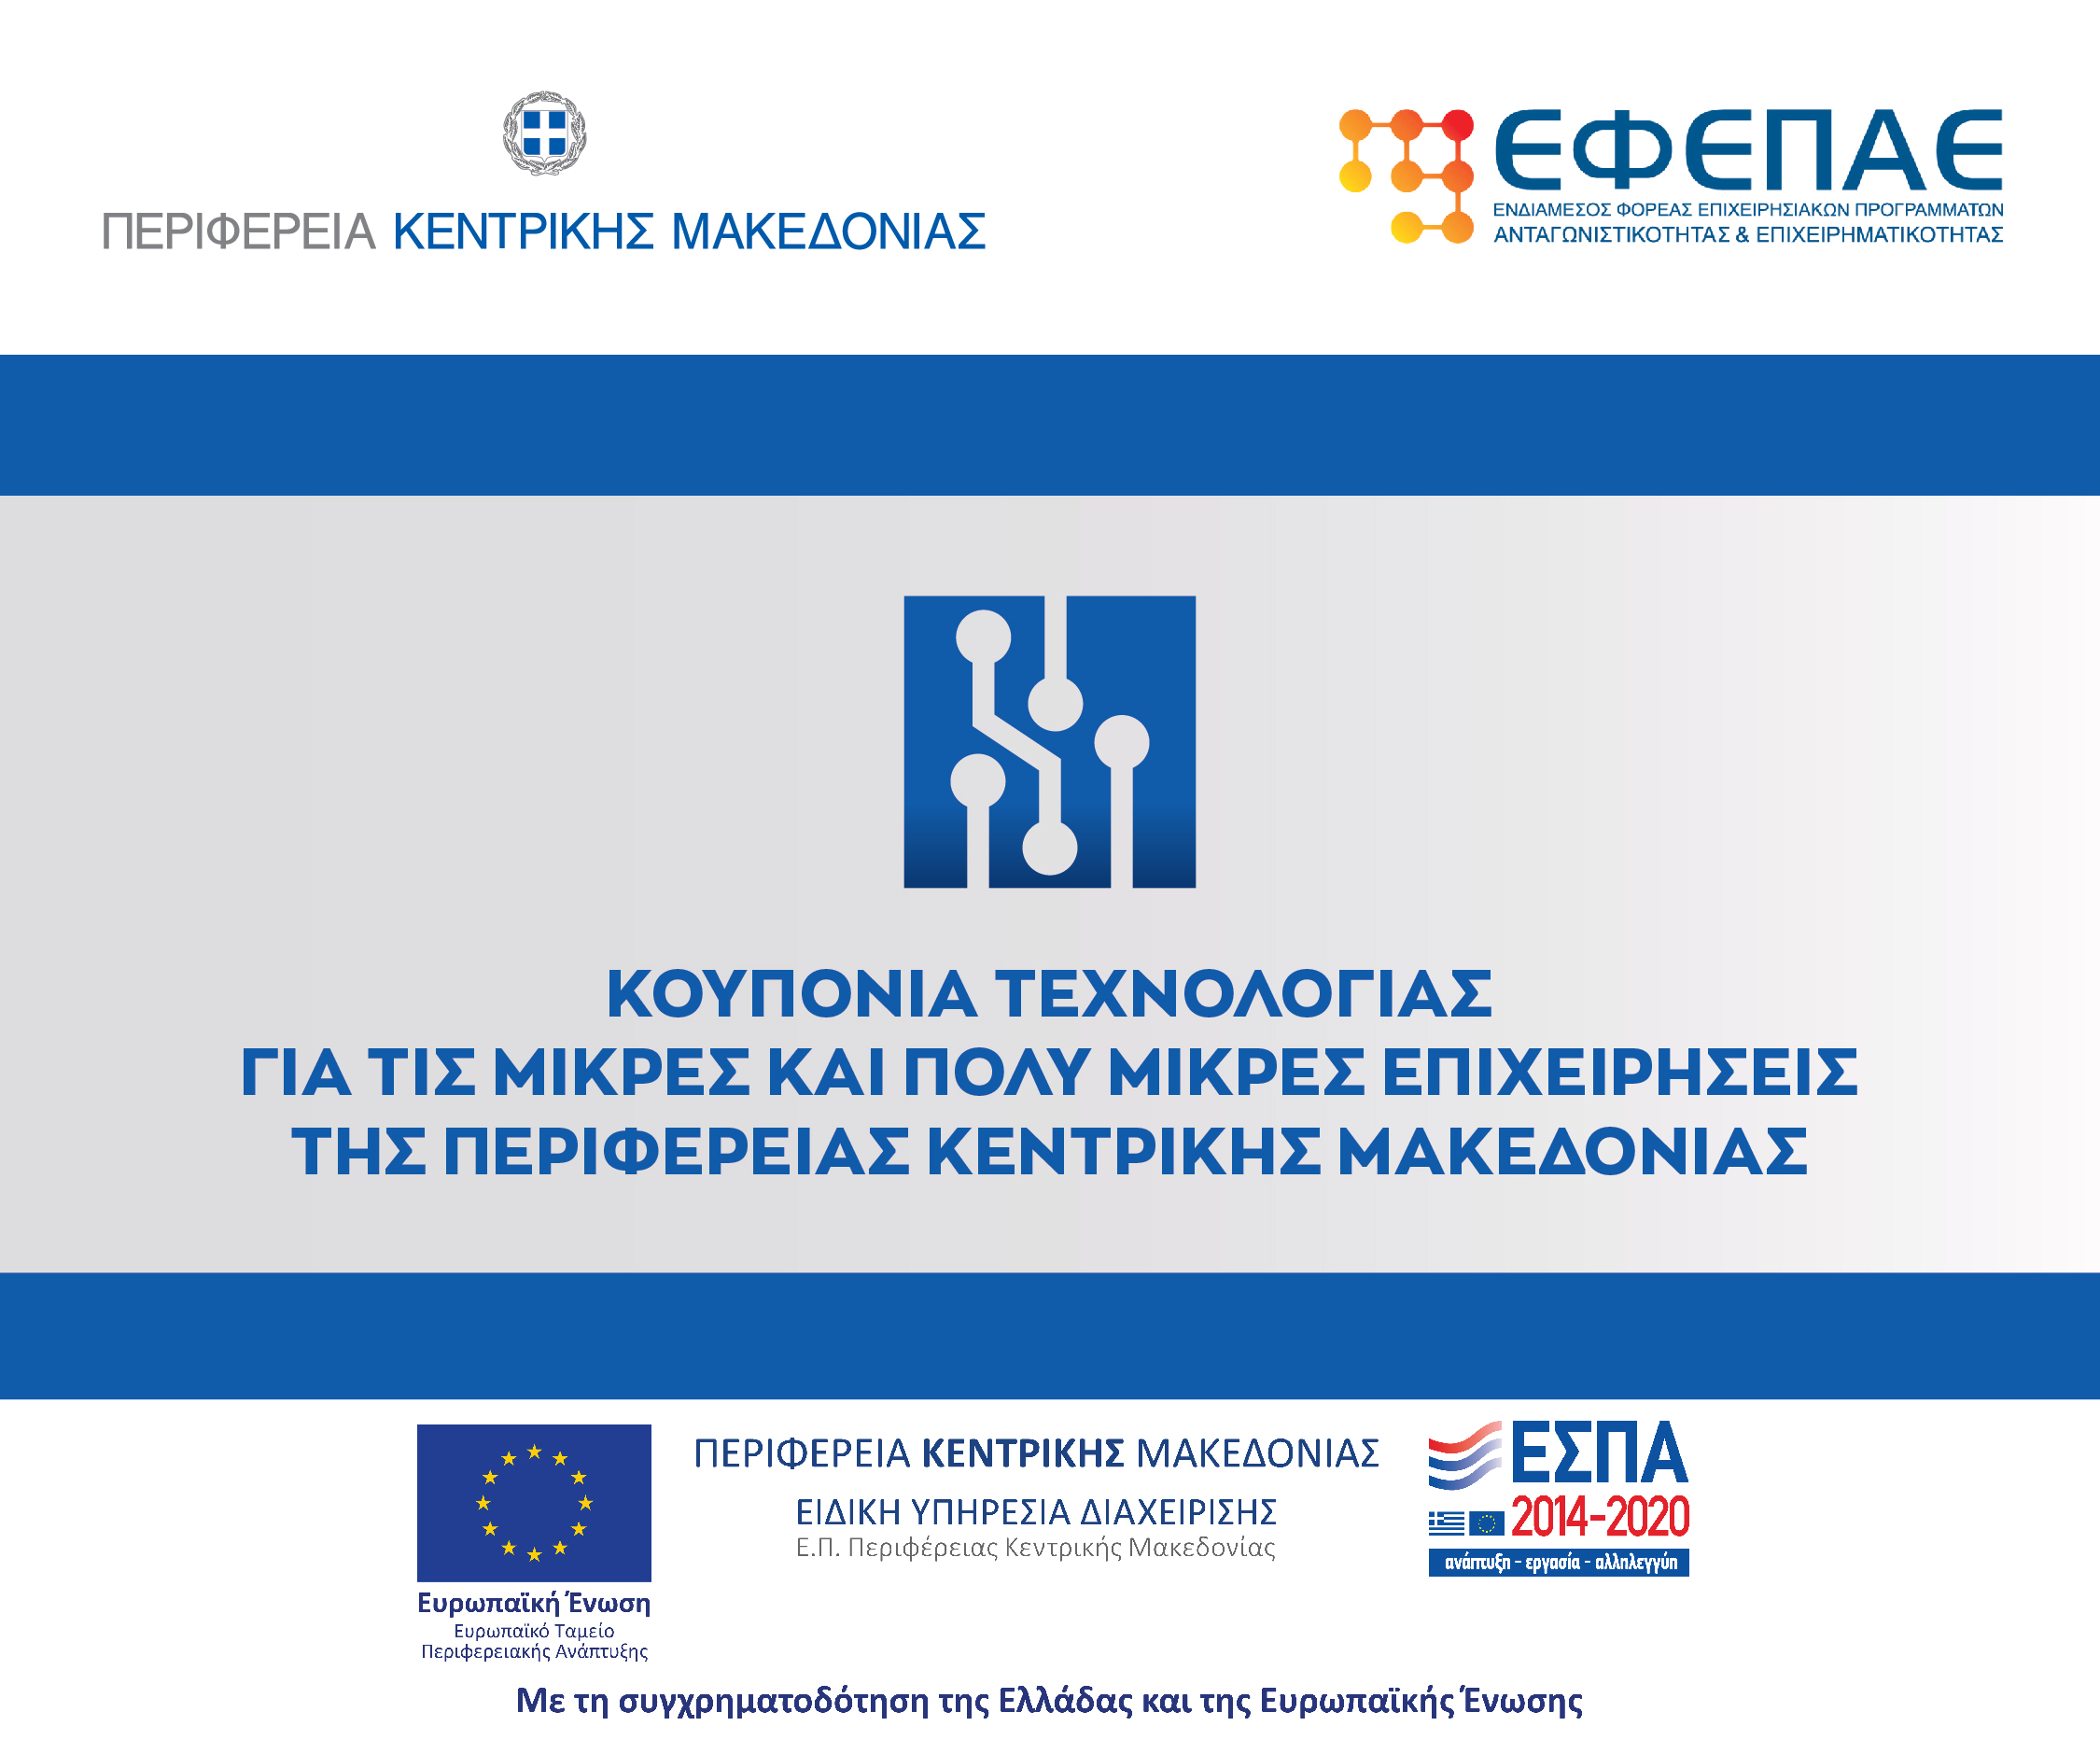 Αποτέλεσμα εικόνας για «Κουπόνια Καινοτομίας για τις ΜΜΕ της Περιφέρειας Κεντρικής Μακεδονίας»